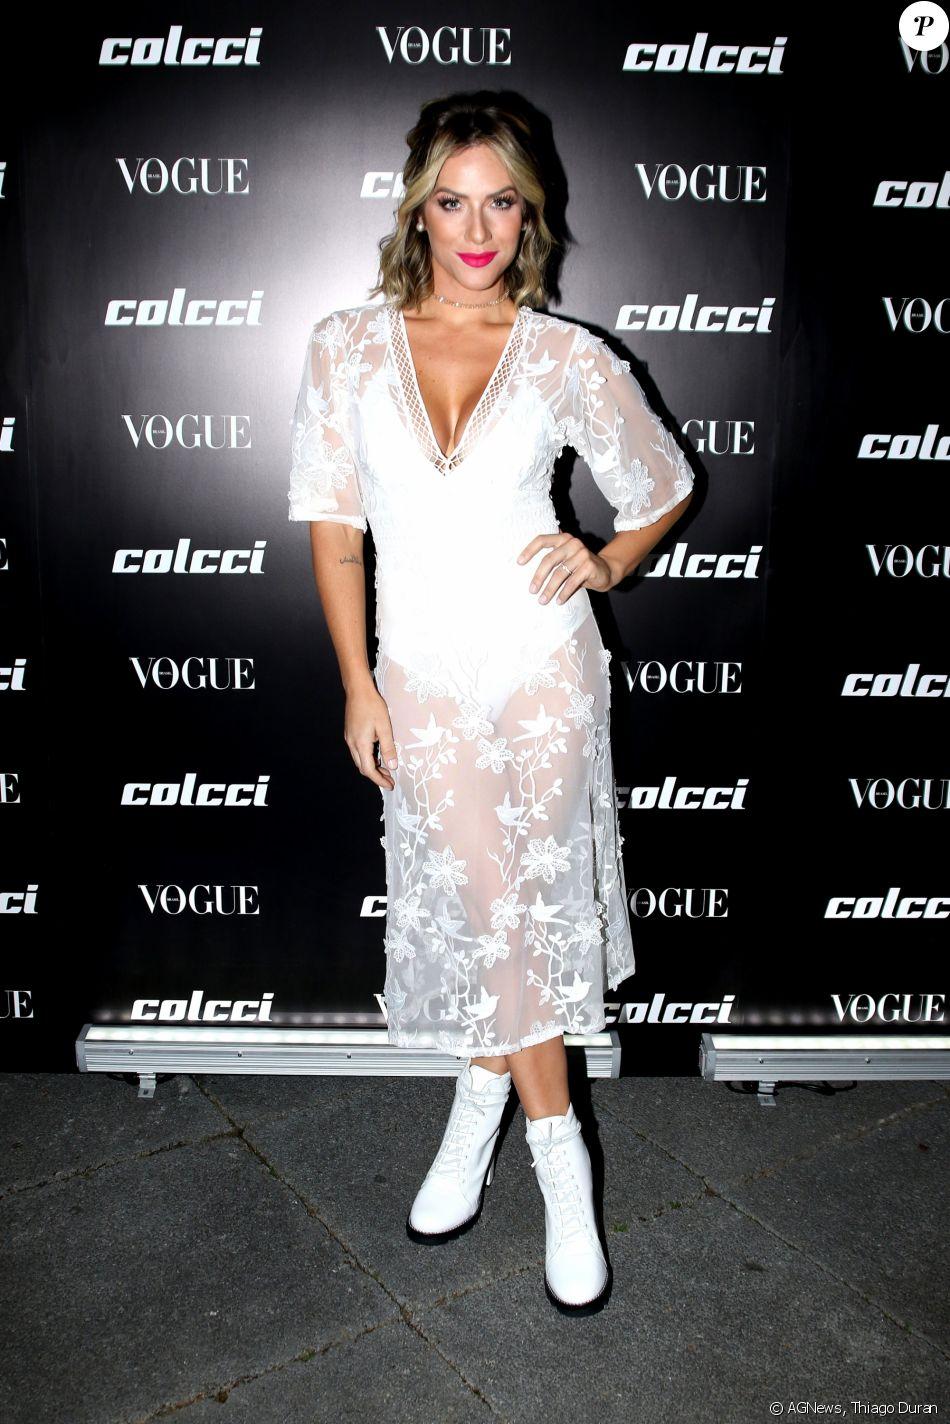 Giovanna Ewbank voltou a apostar na tendência das botas brancas no lançamento da coleção primavera/verão 2018 da Colcci e da edição de agosto da revista 'Vogue', em São Paulo, na noite desta terça-feira, 1° de agosto de 2017